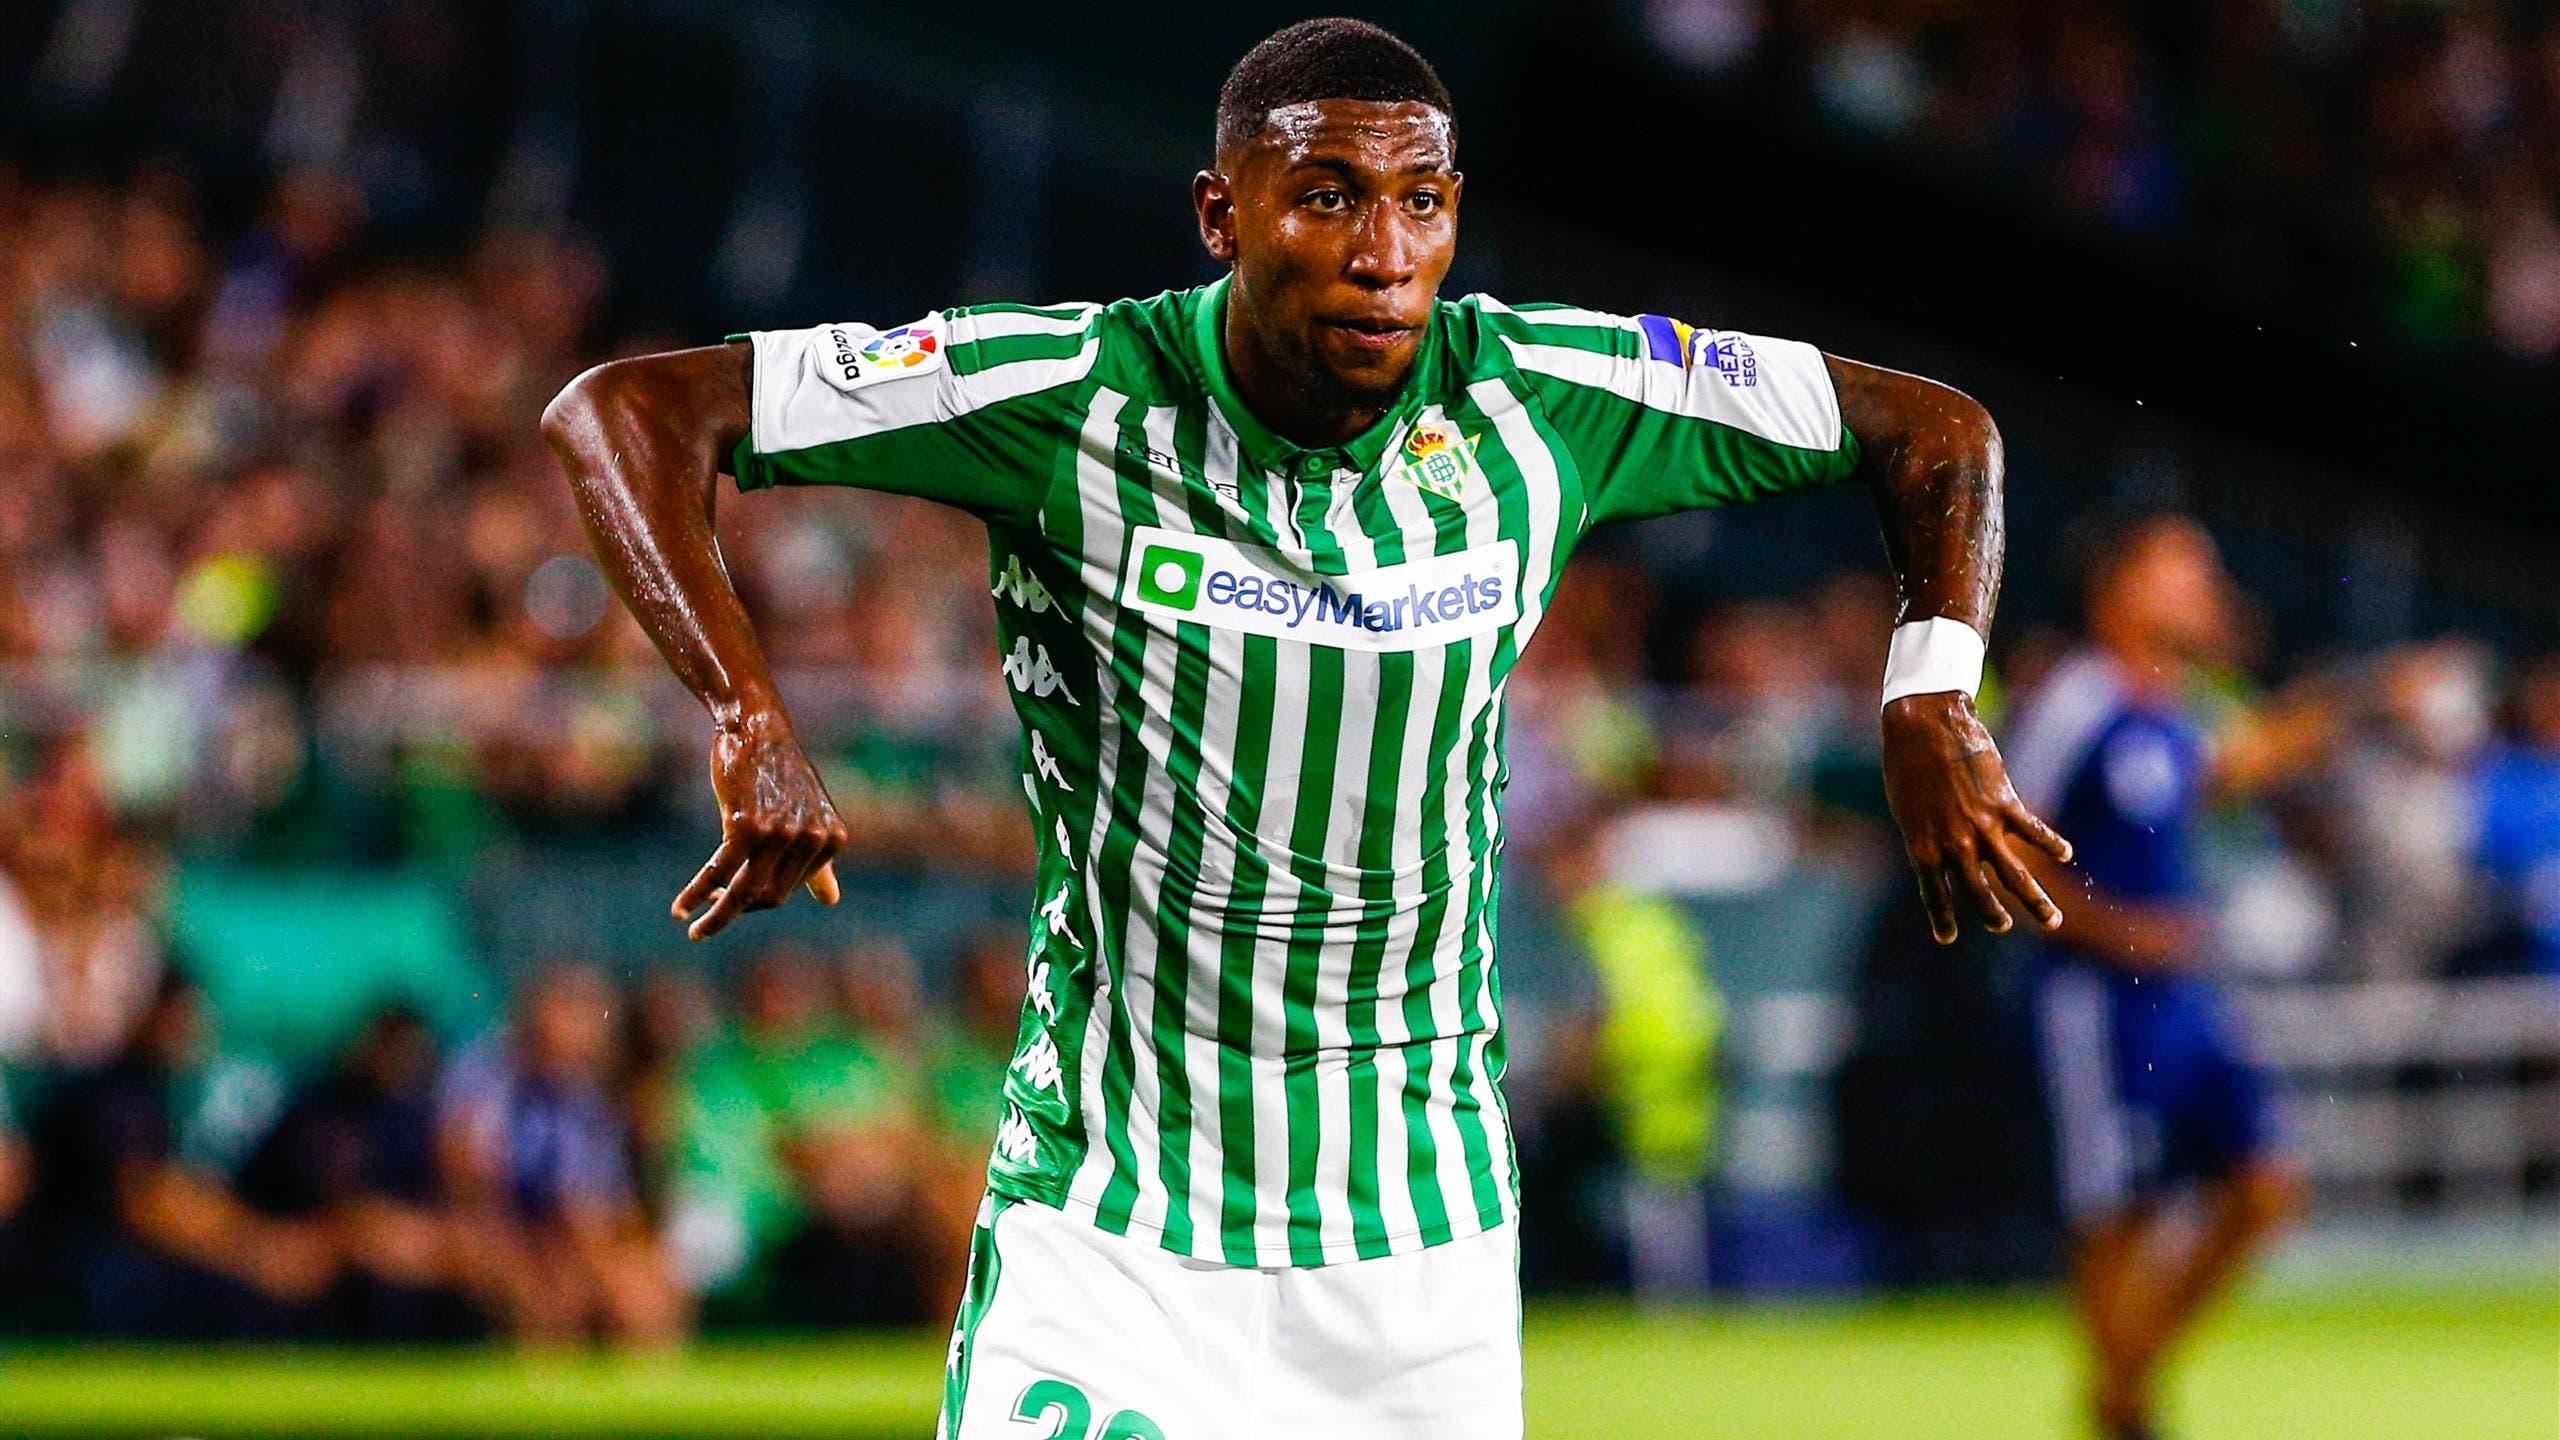 Emerson Atlético